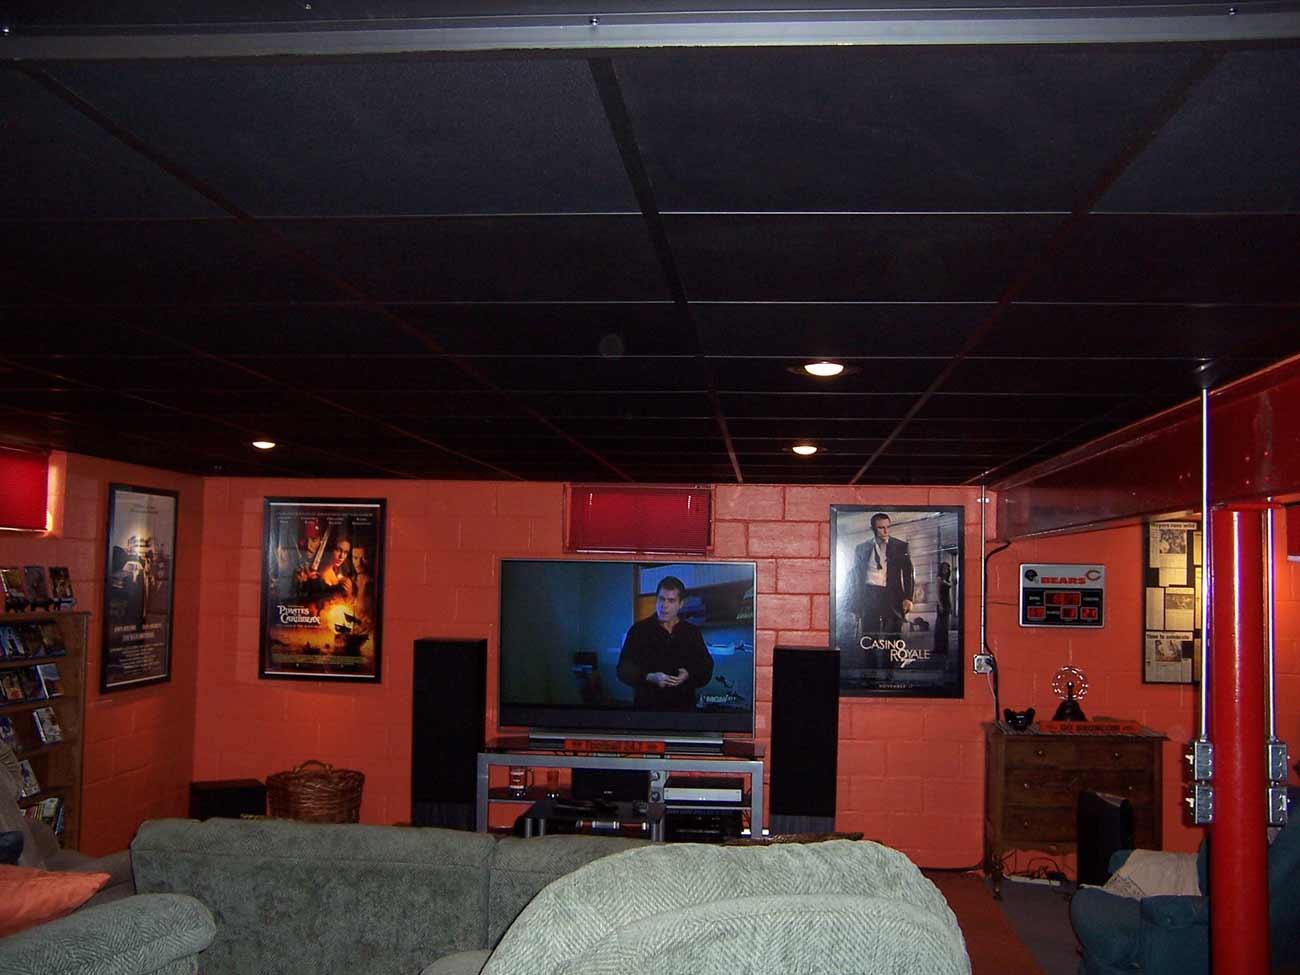 Cinetile ceiling black vinyl tiles